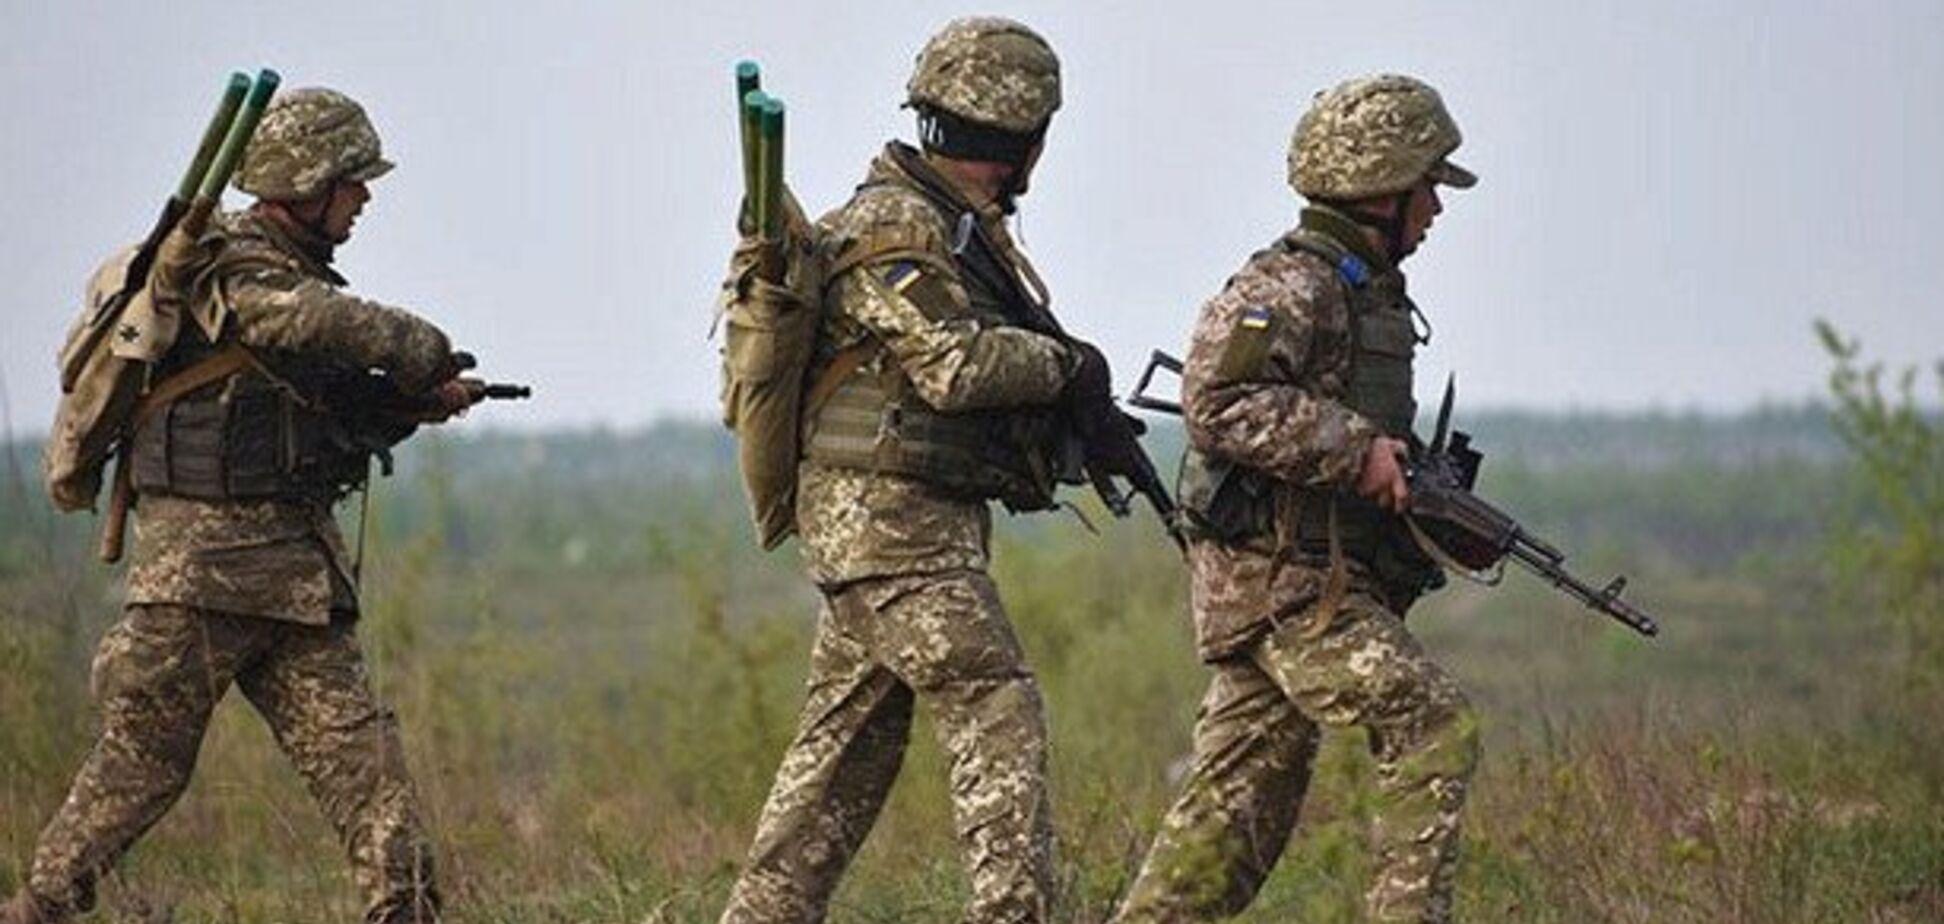 Бойцы ВСУ подорвались на минах? ''ЛНР'' разразилась сенсацией